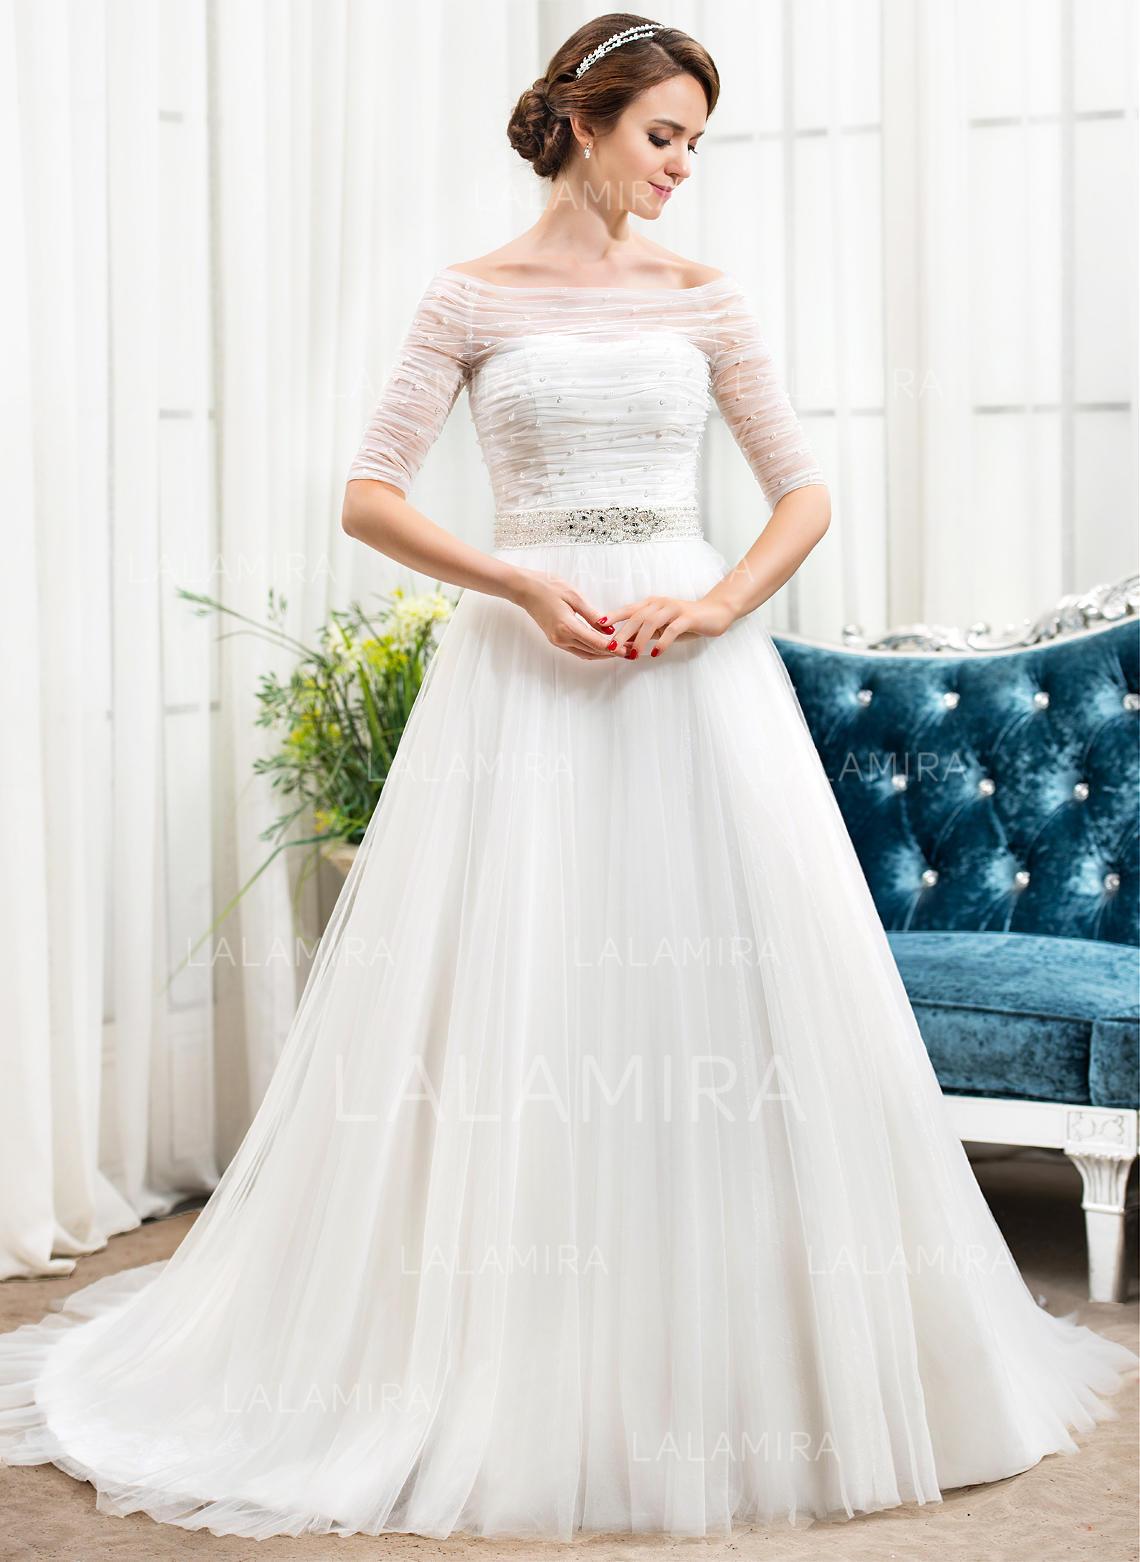 8054ba1aa Por debajo del hombro Corte A Princesa Vestidos de novia Tul Volantes  Cuentas Lentejuelas Cola. Loading zoom